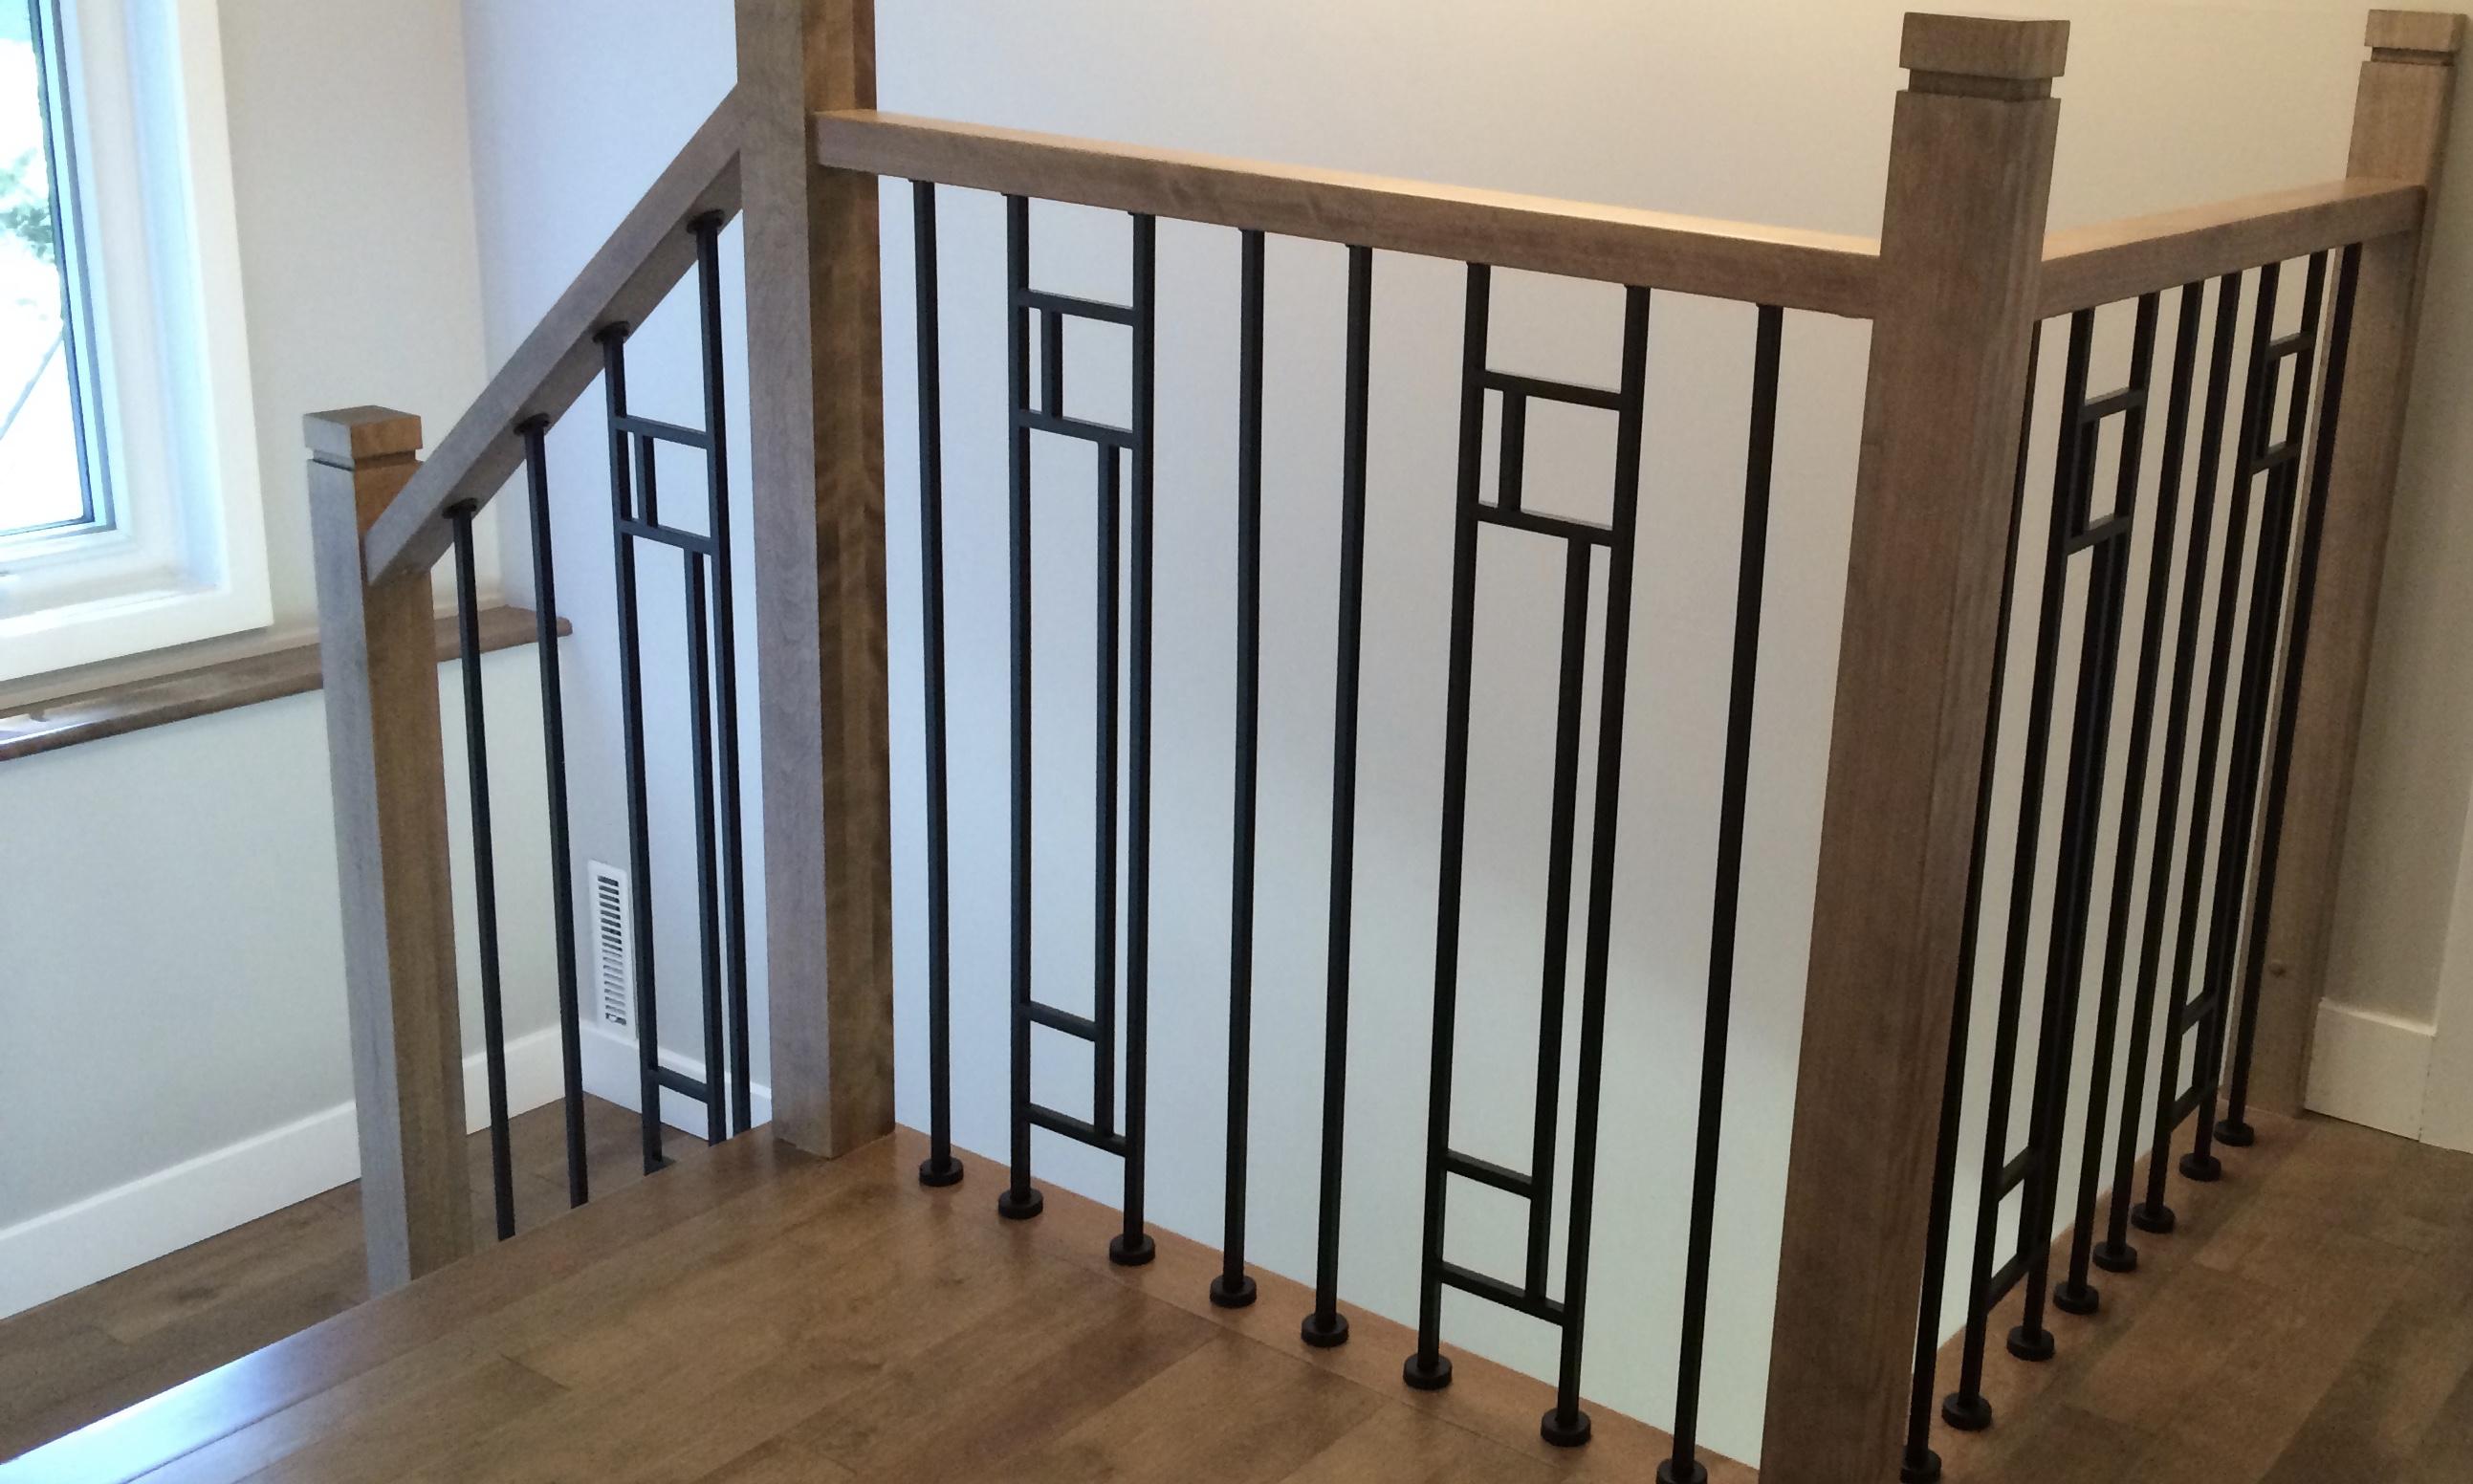 Vente barreaux, rampe et escalier